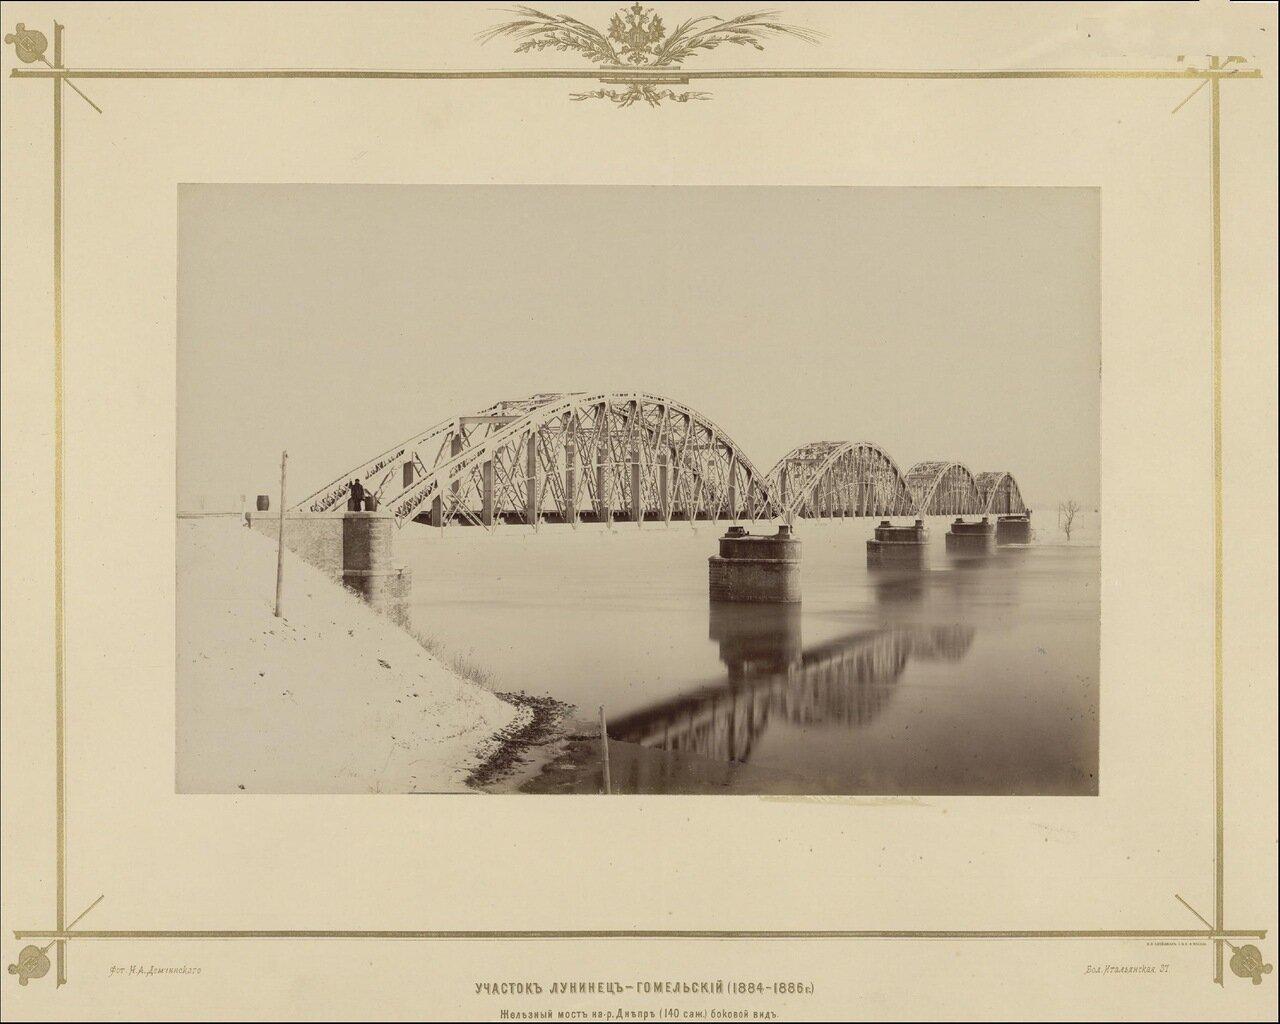 Участок Лунинец-Гомельский (1884 - 1886г.) Железный мост на р.Днепр. Боковой вид. 1880-е